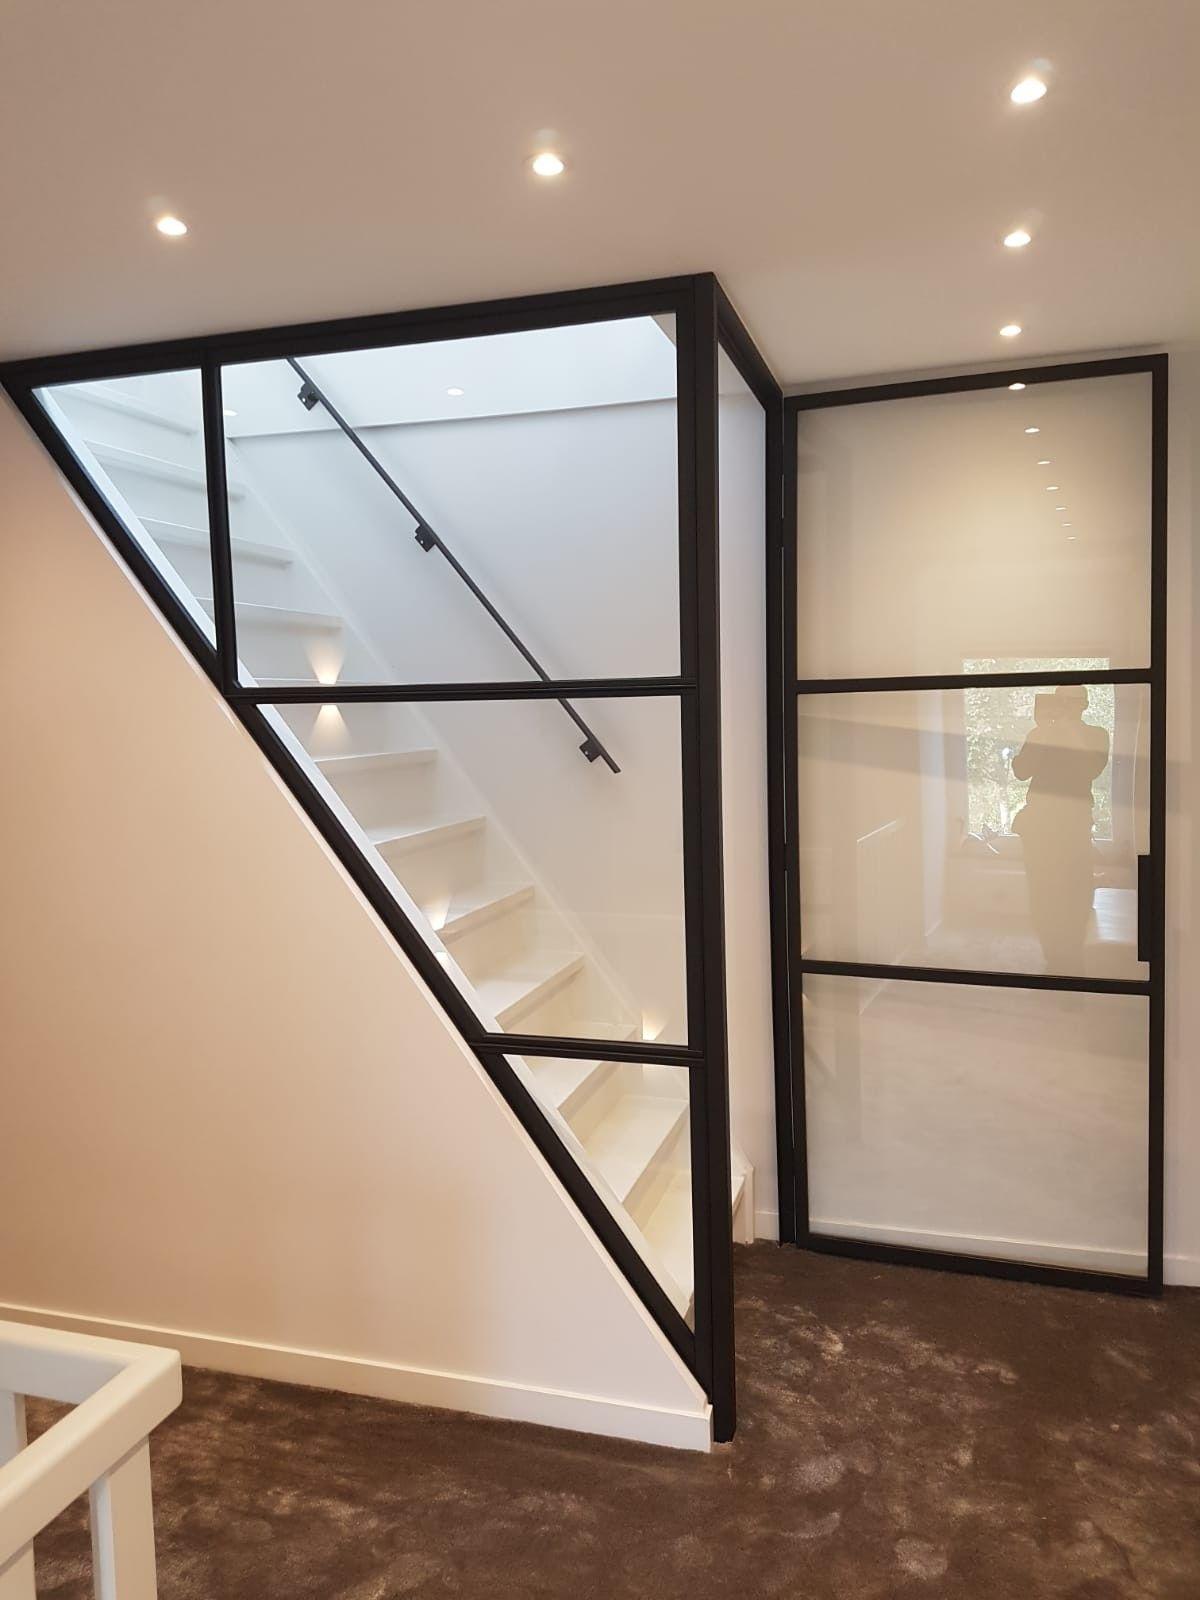 Wand van staal met glas langs trap, deur in staal en glas #halinrichting